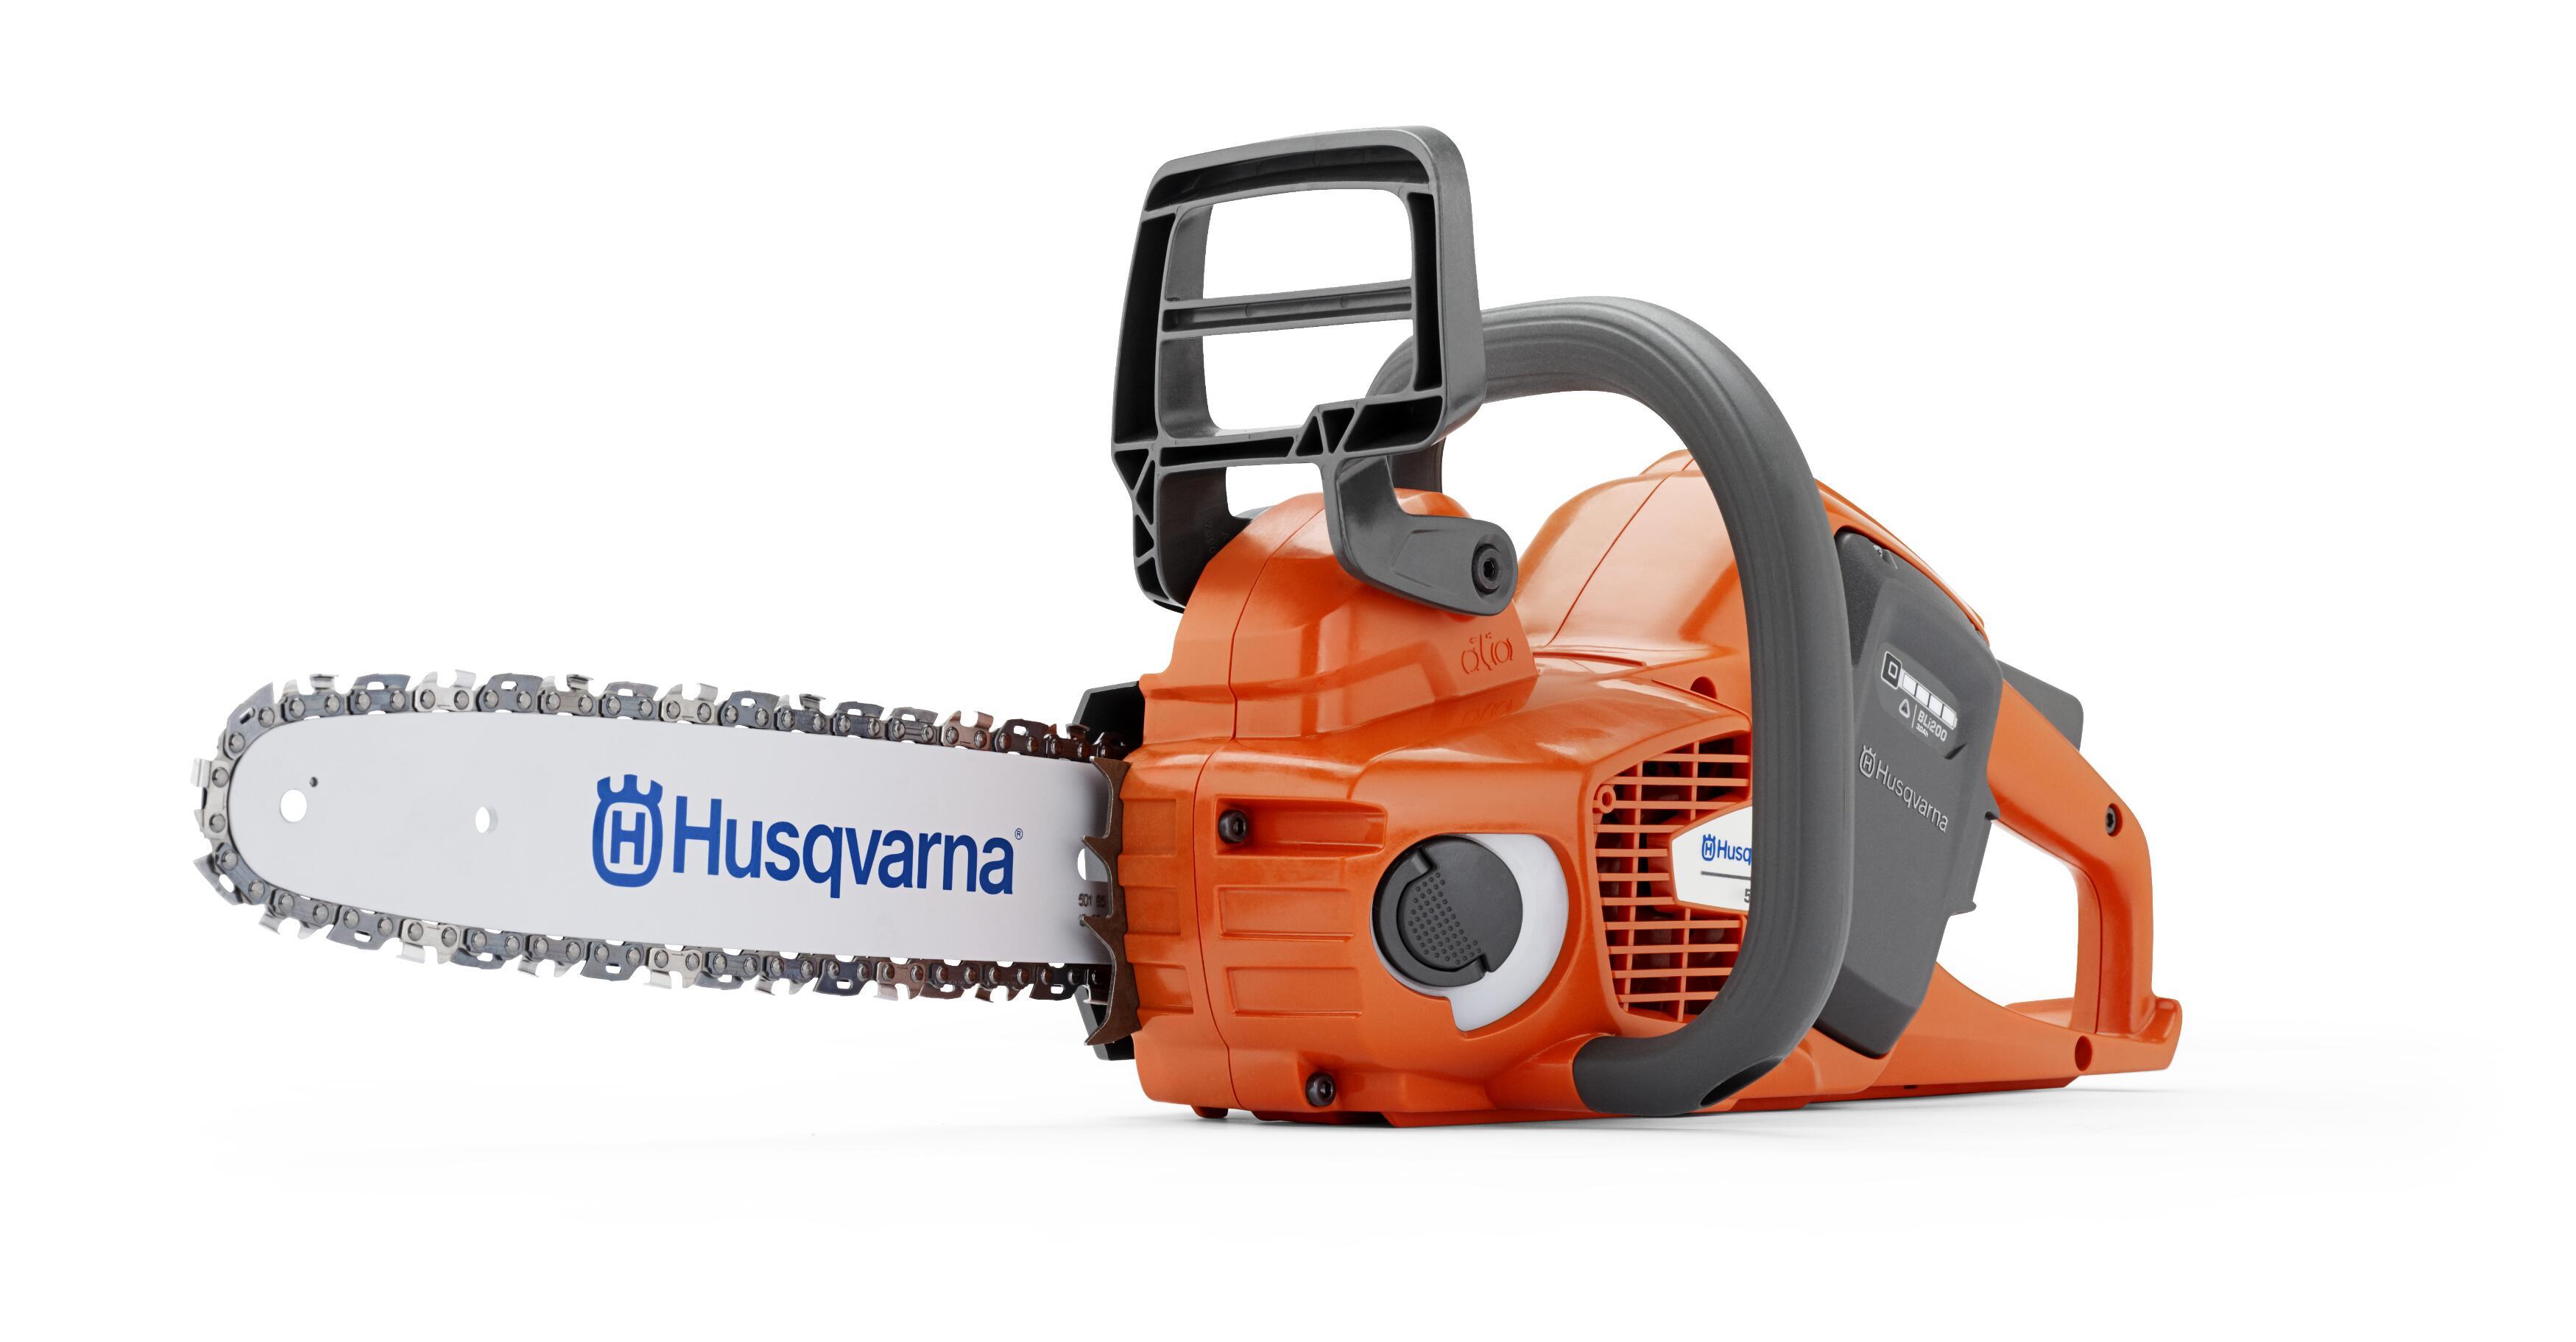 HUSQVARNA 535i XP® Akku-Profi-Kettensäge